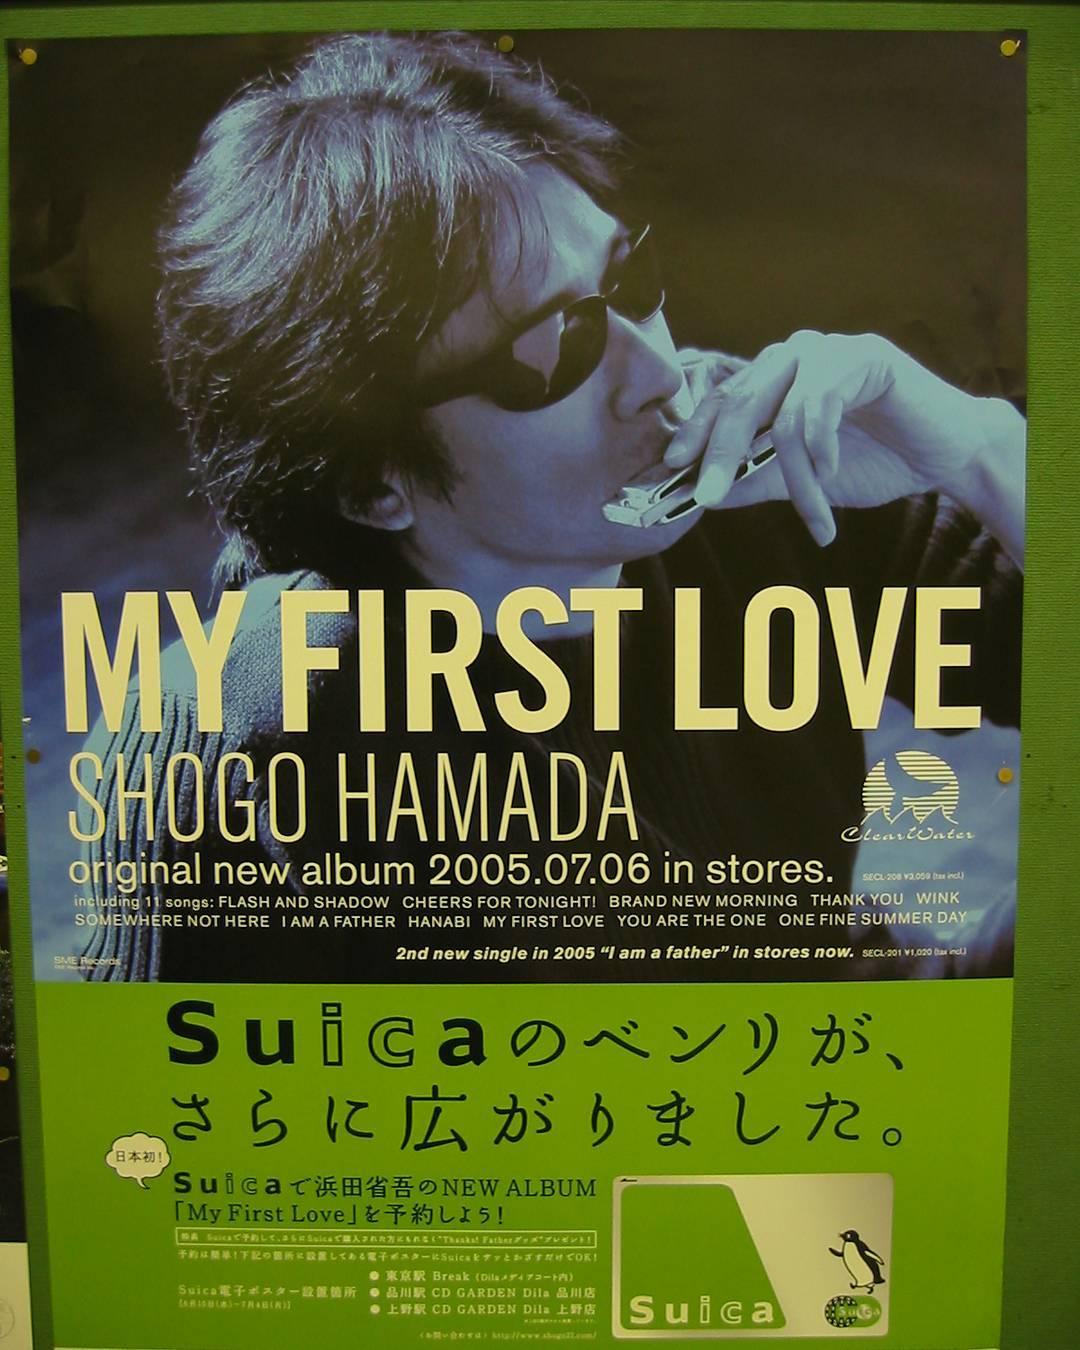 浜田省吾 アルバム「MY FIRST LOVE」での電子ポスター・キャンペーン